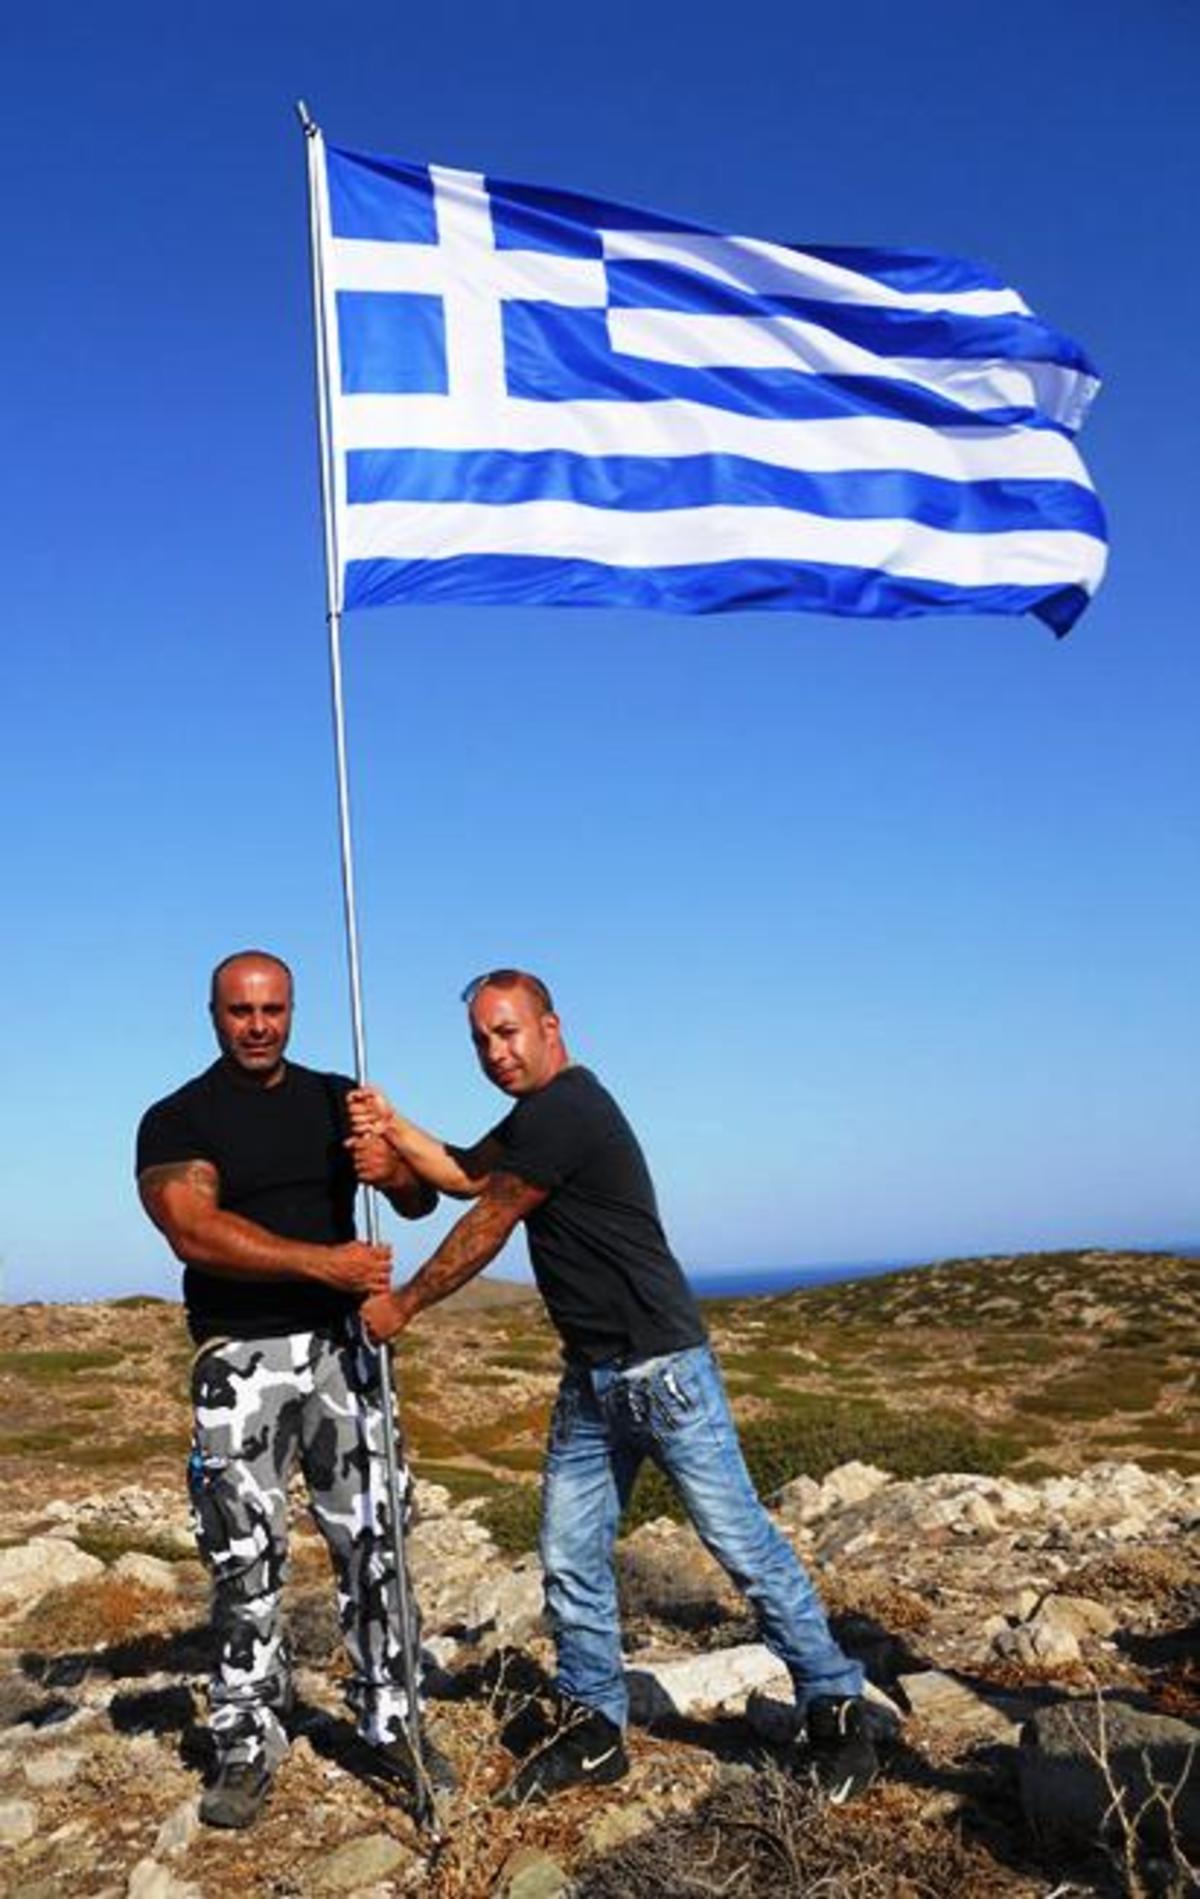 Οι αυτόκλητοι «σημαιοφόροι» της Χρυσής Αυγής. Άποψη-σχόλιο | Newsit.gr